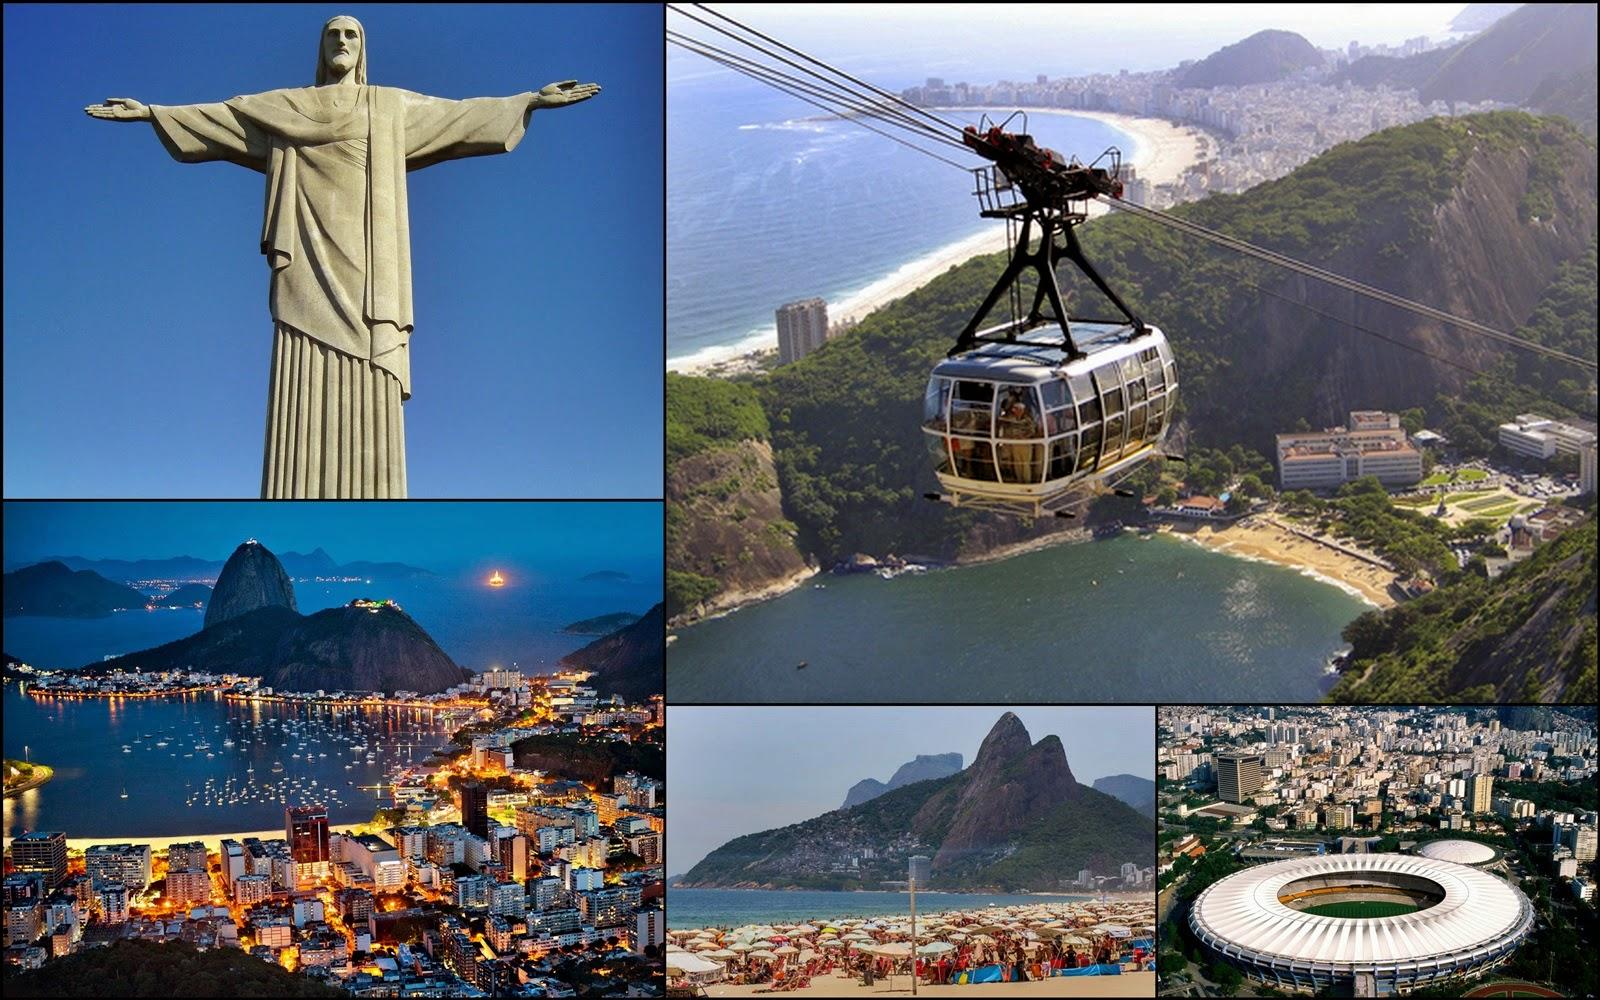 paisagem do turismólogo, pontos turisticos do Brasil, blog de turismo, Rio de janeiro, Salvador, Foz do Iguaçu,Recife, Bonito,Amazonas, lençóis maranhenses